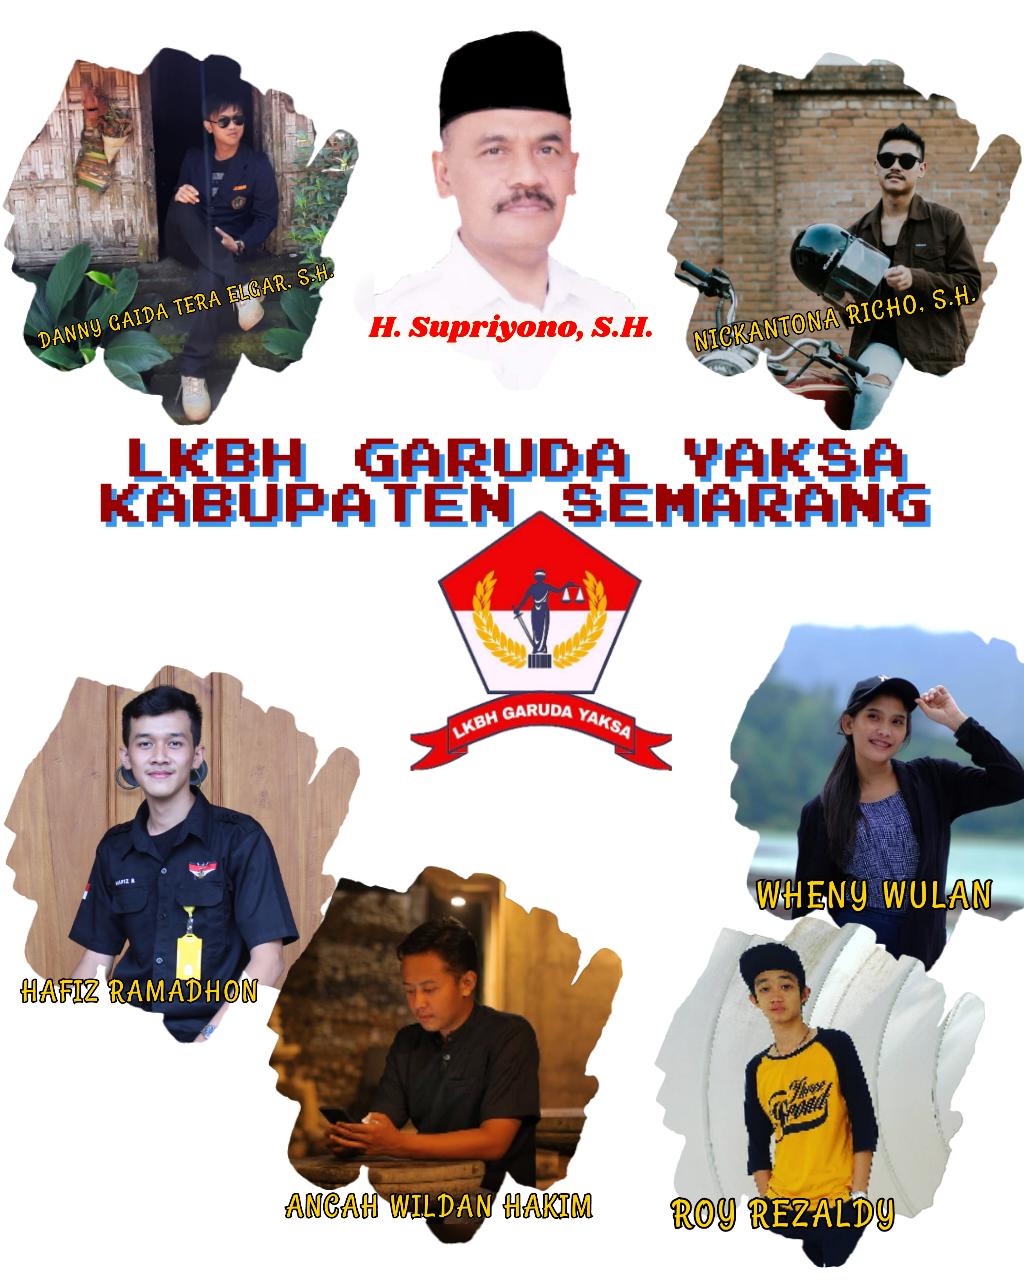 Pengurus Lembaga Konsultasi dan Bantuan Hukum LKBH Garuda Yaksa Kabupaten Semarang Provinsi Jawa Tengah Indonesia